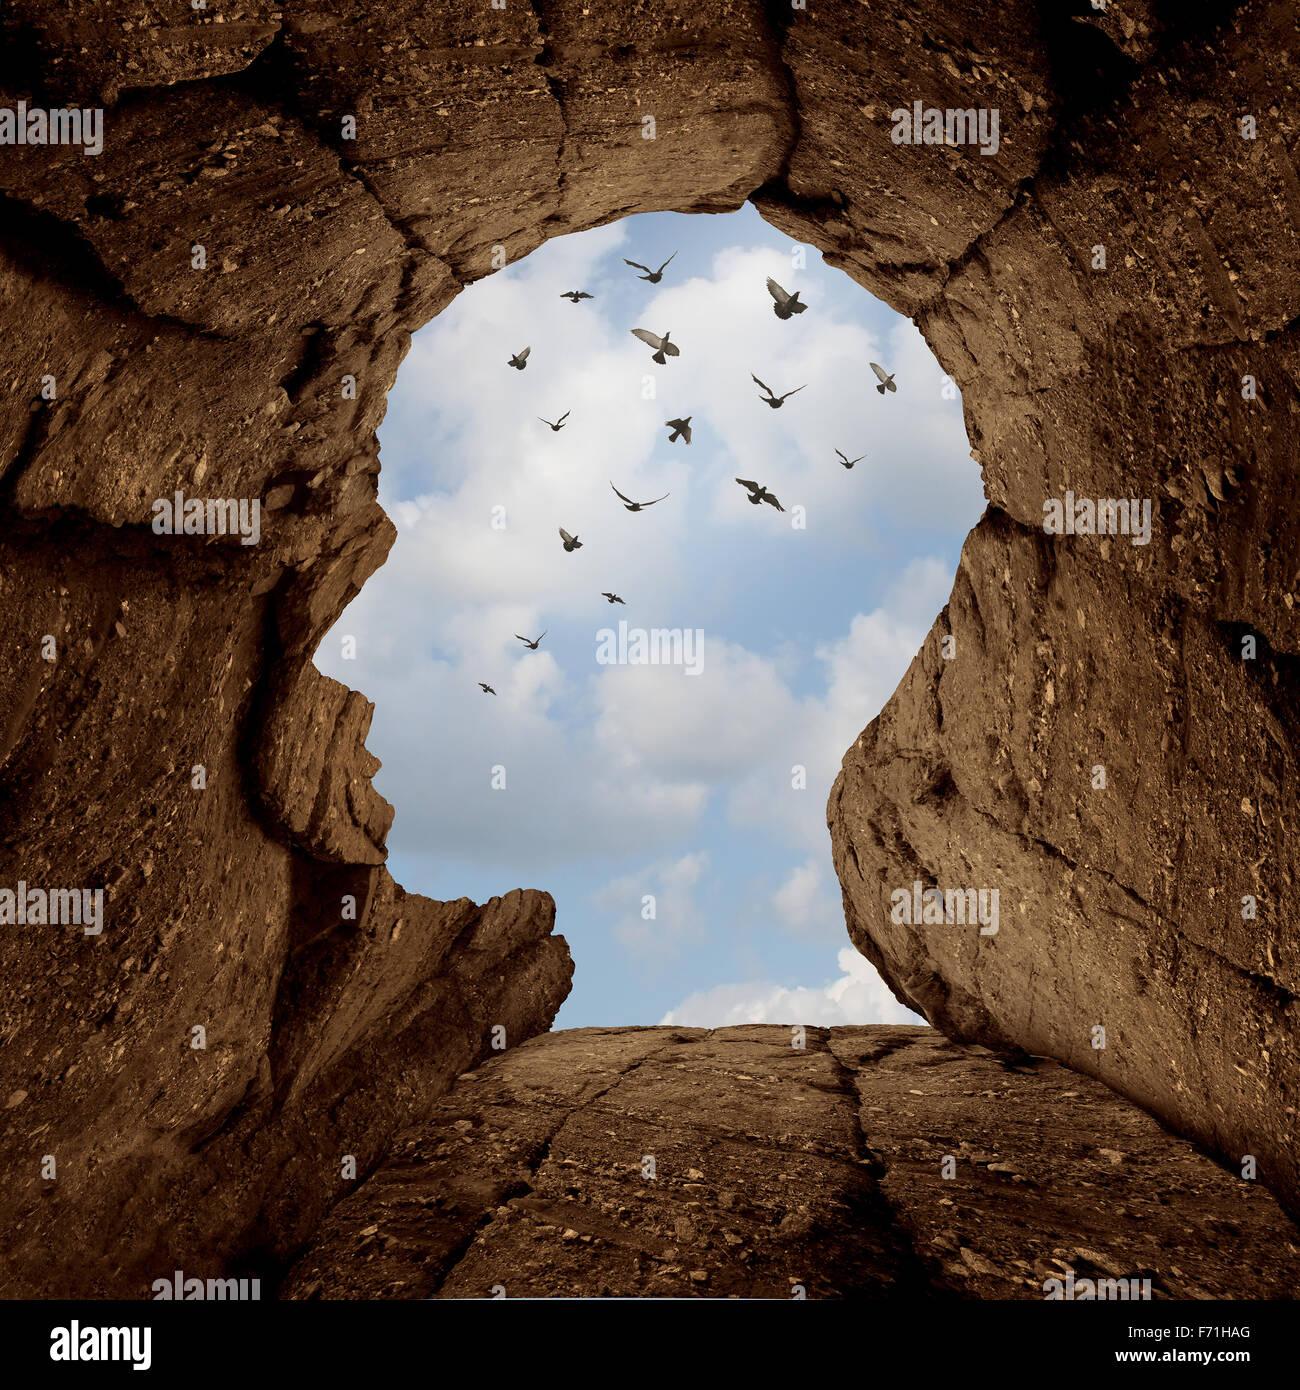 La fantasia e la scoperta del concetto di una scogliera rocciosa con un'apertura sulla parte superiore sagomata Immagini Stock